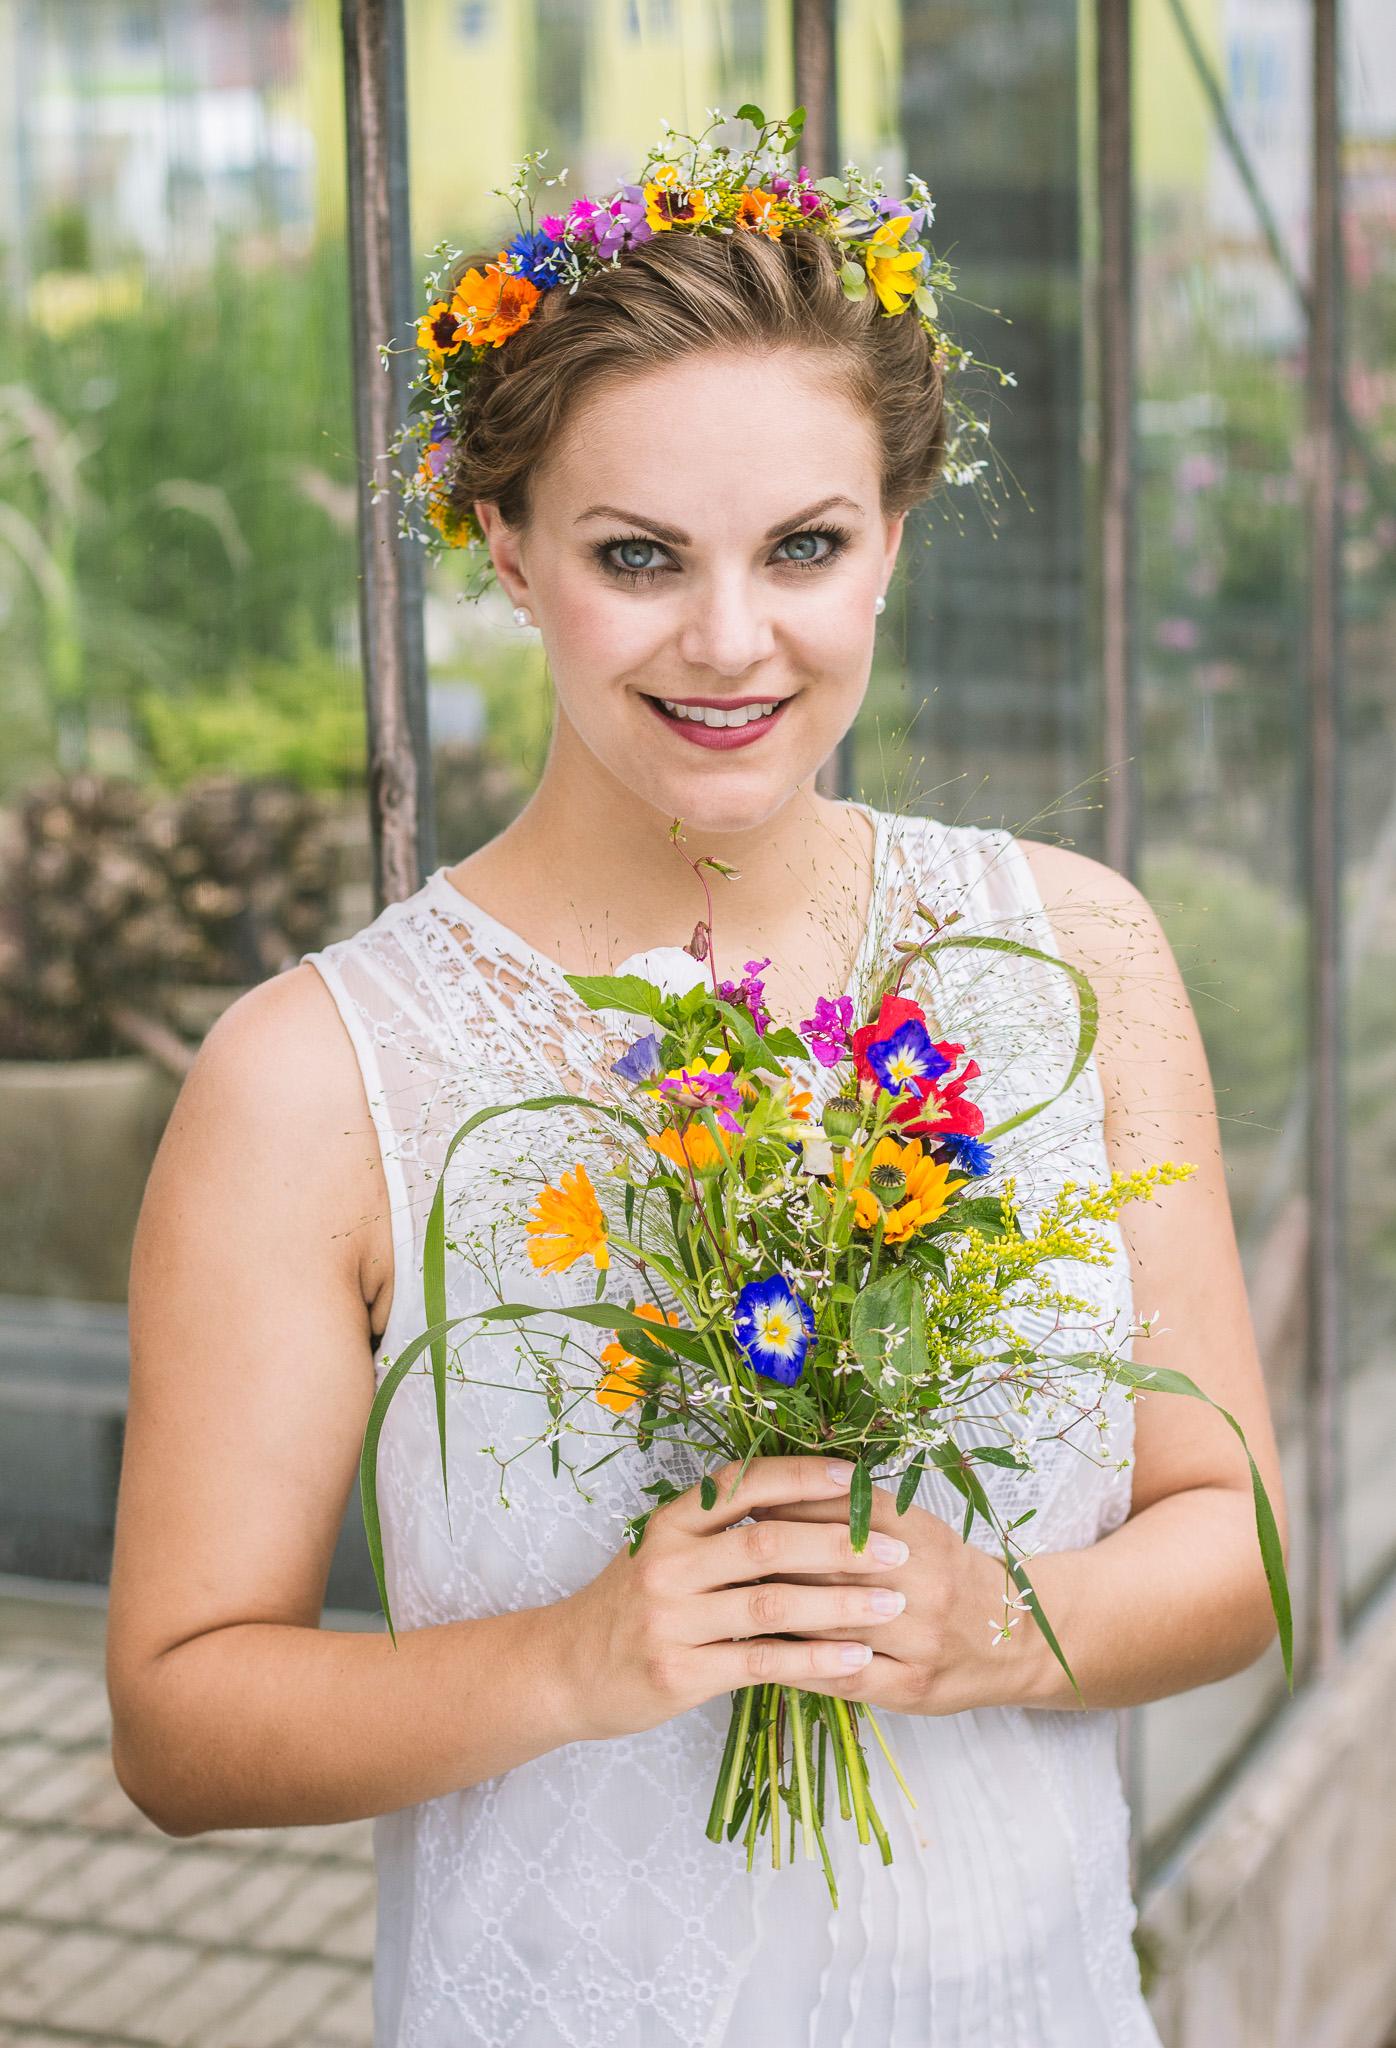 Frau mit Blumenkranz und Blumenstrauß